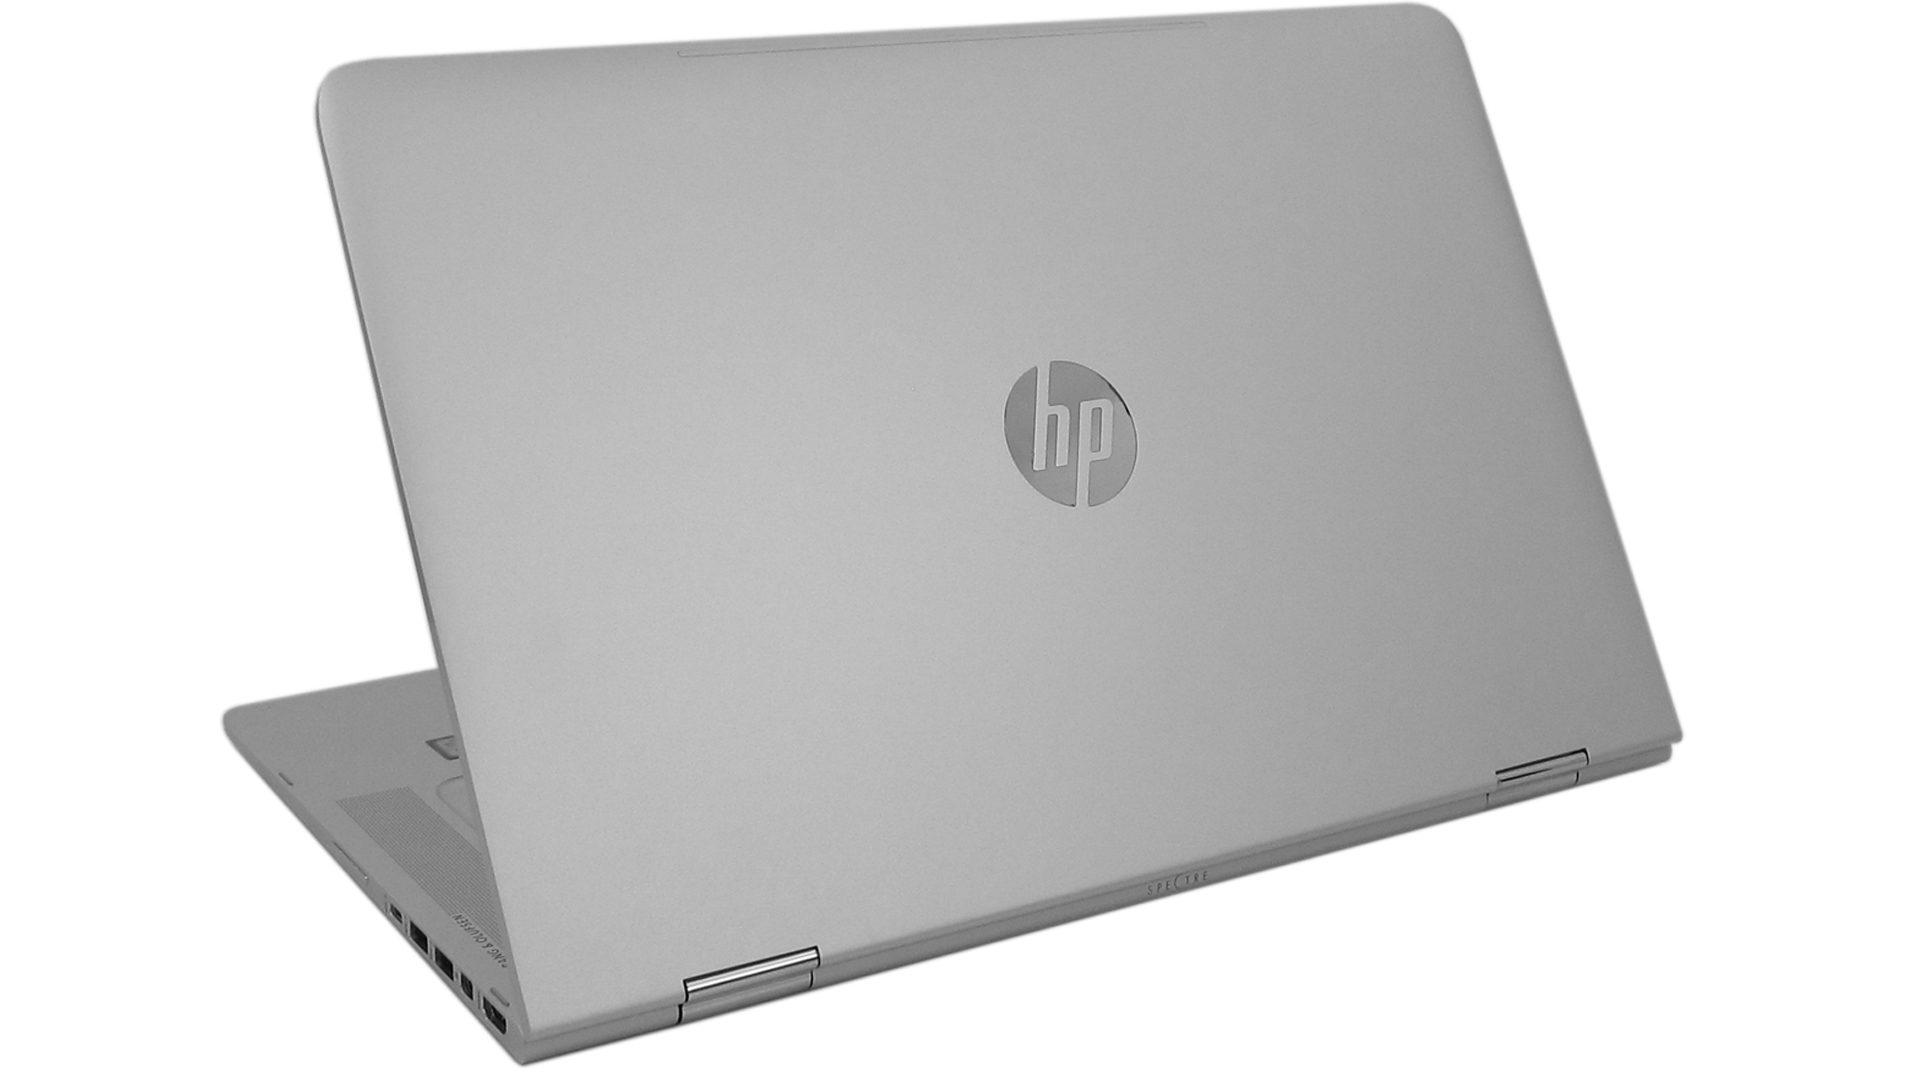 HP Spectre x360 15-ap006ng Desing-2